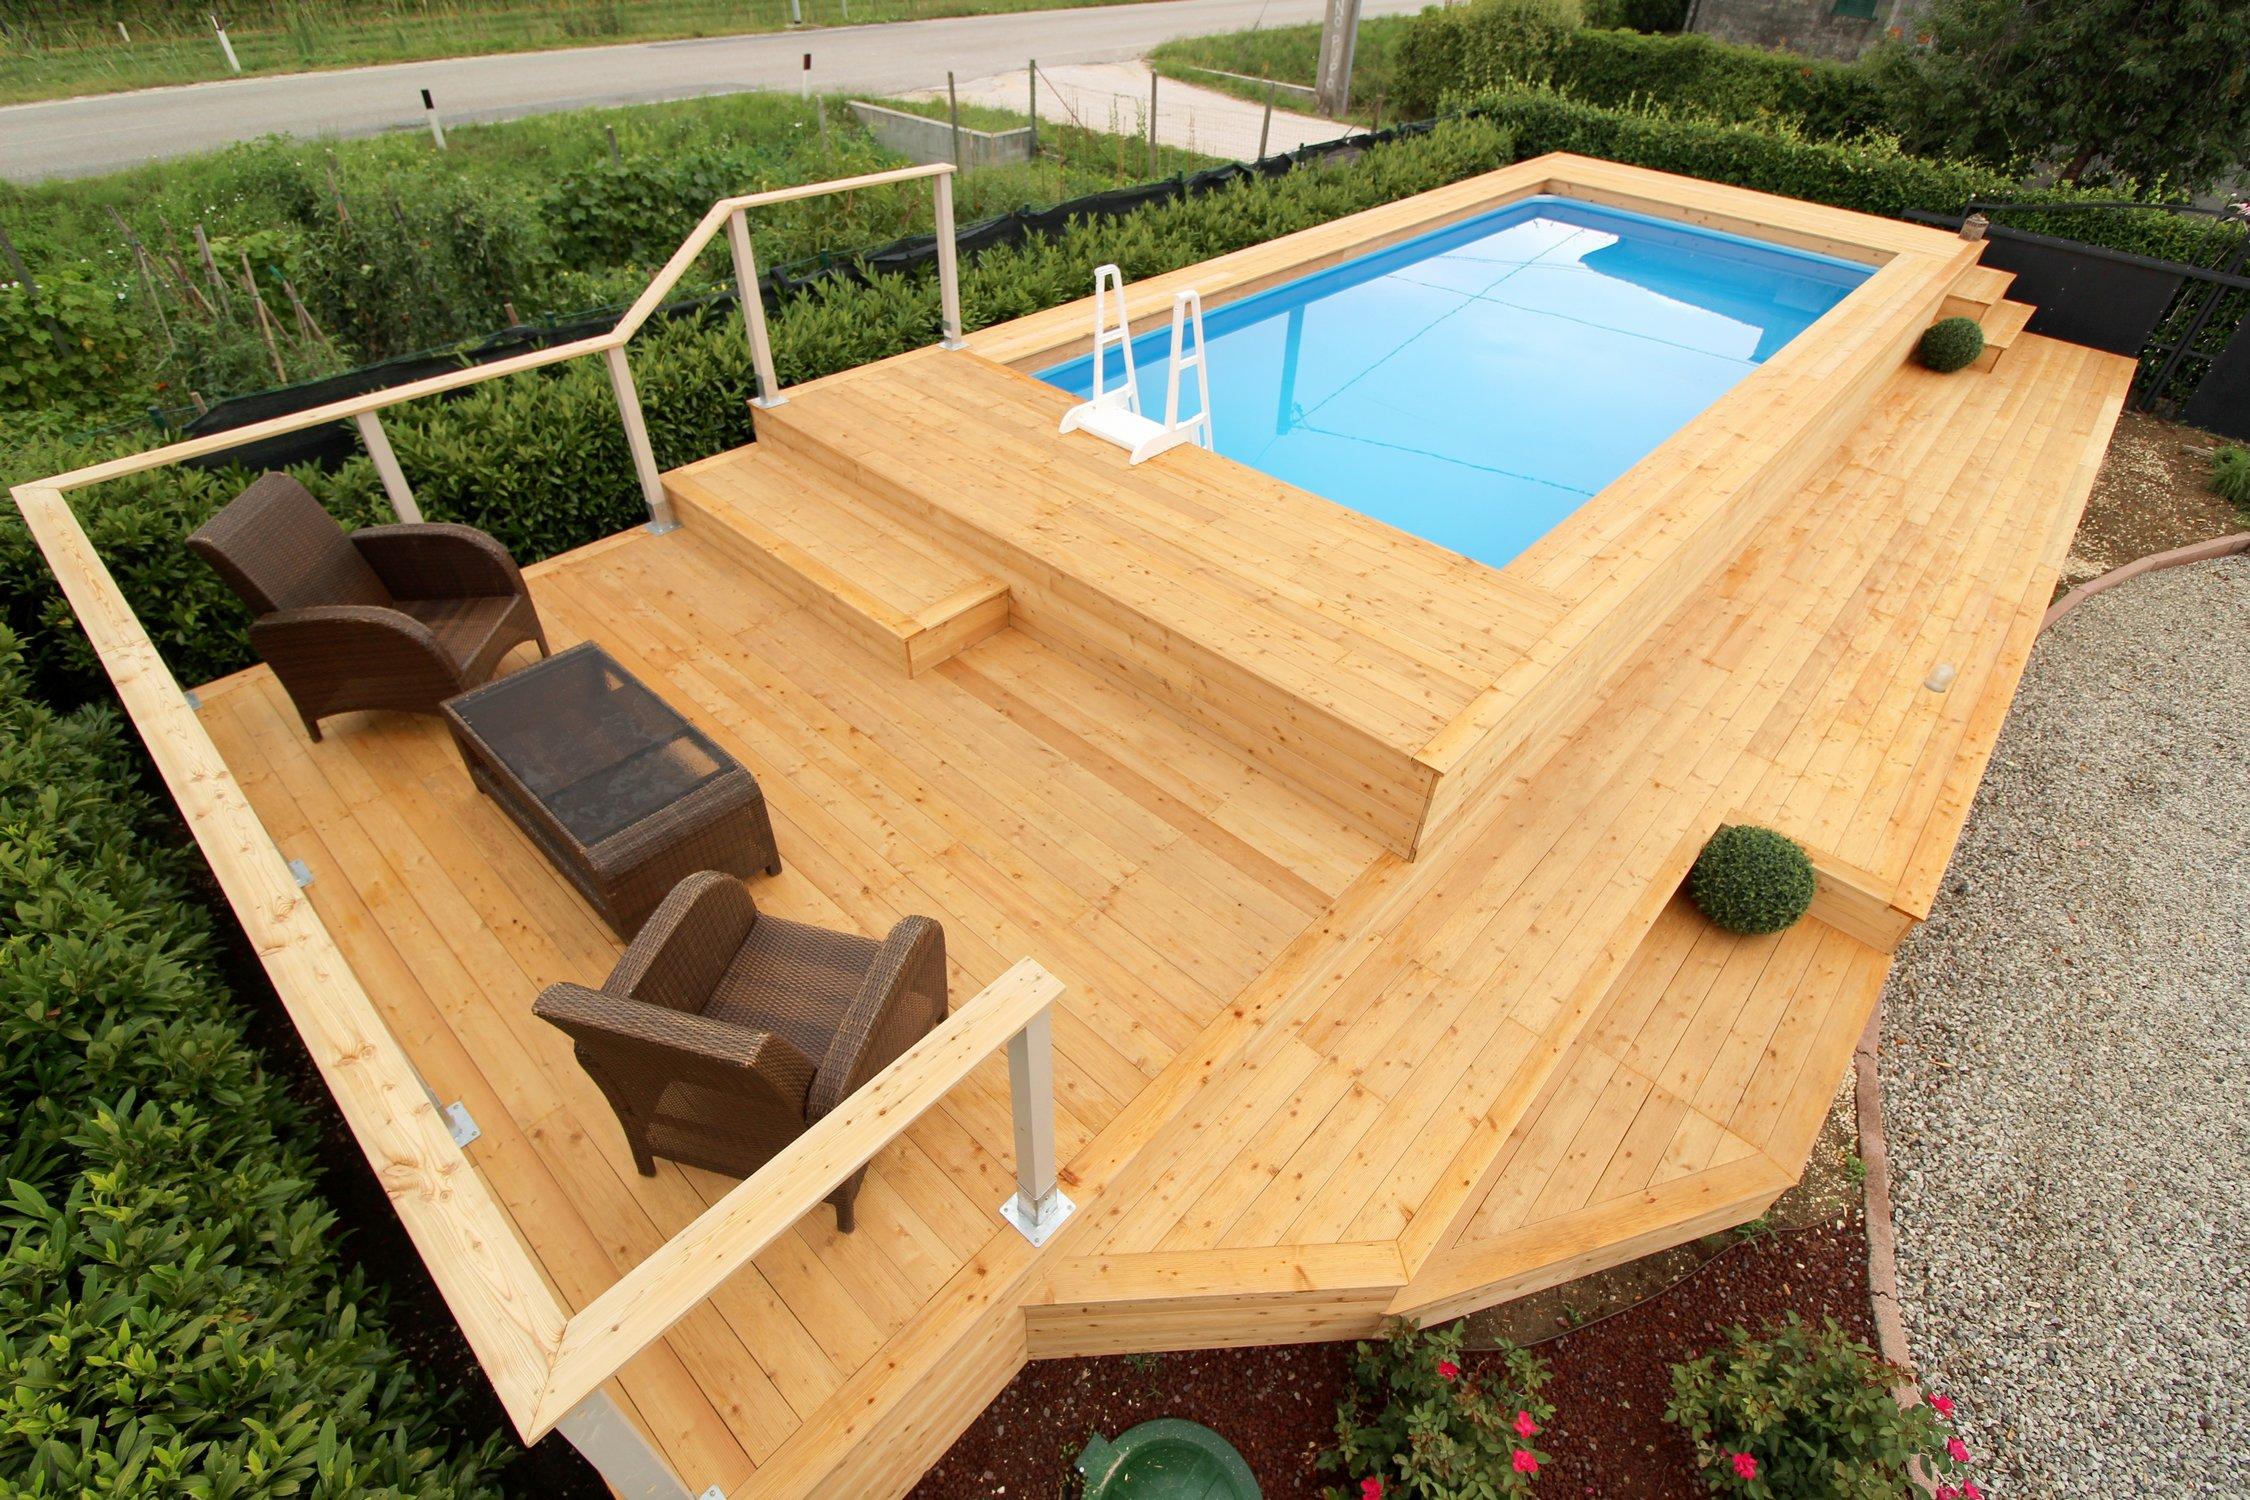 Piscina fuori terra su misura e personalizzata in legno di for Aspiratore per piscina fai da te